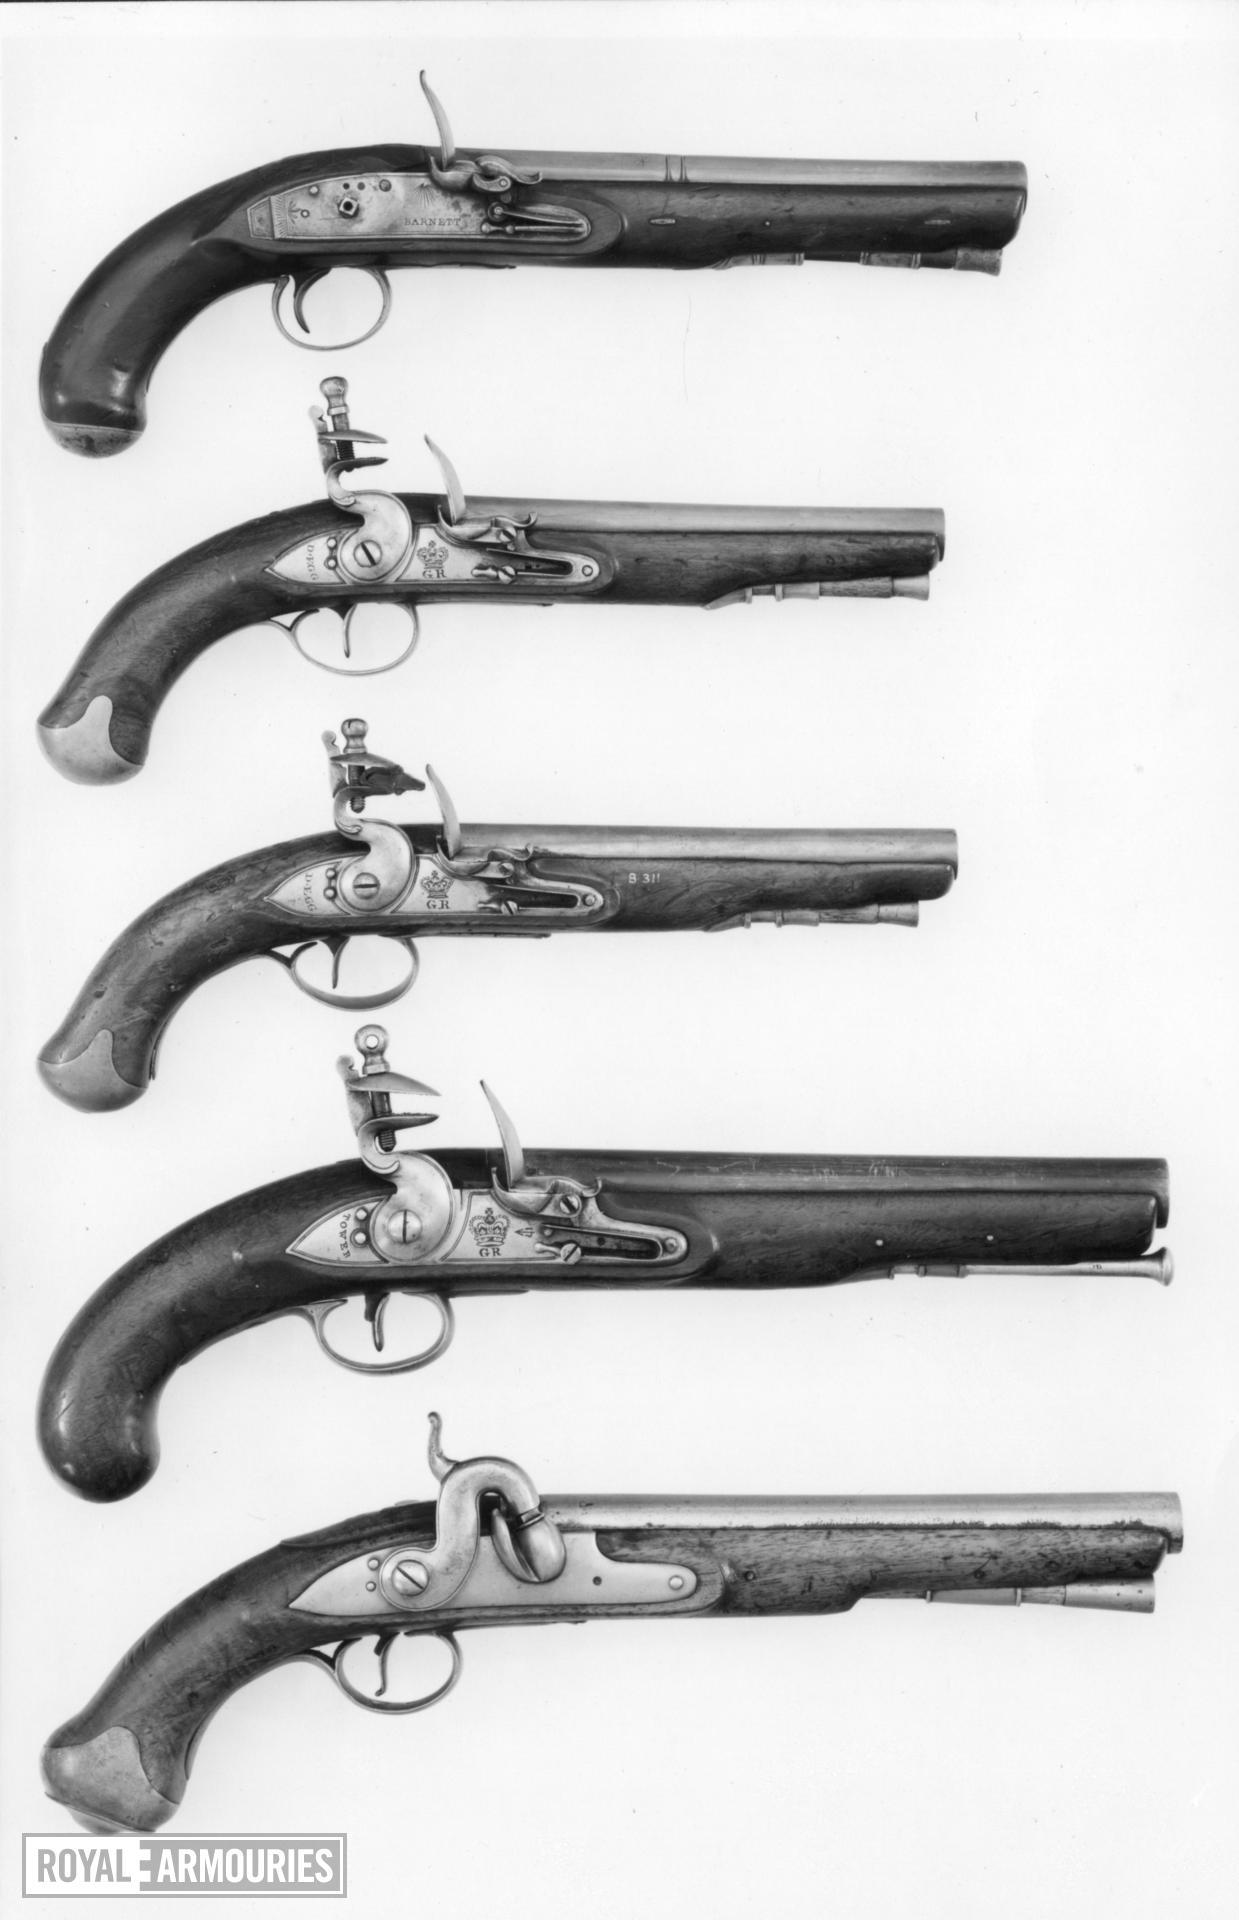 Flintlock muzzle-loading pistol - By Barnett